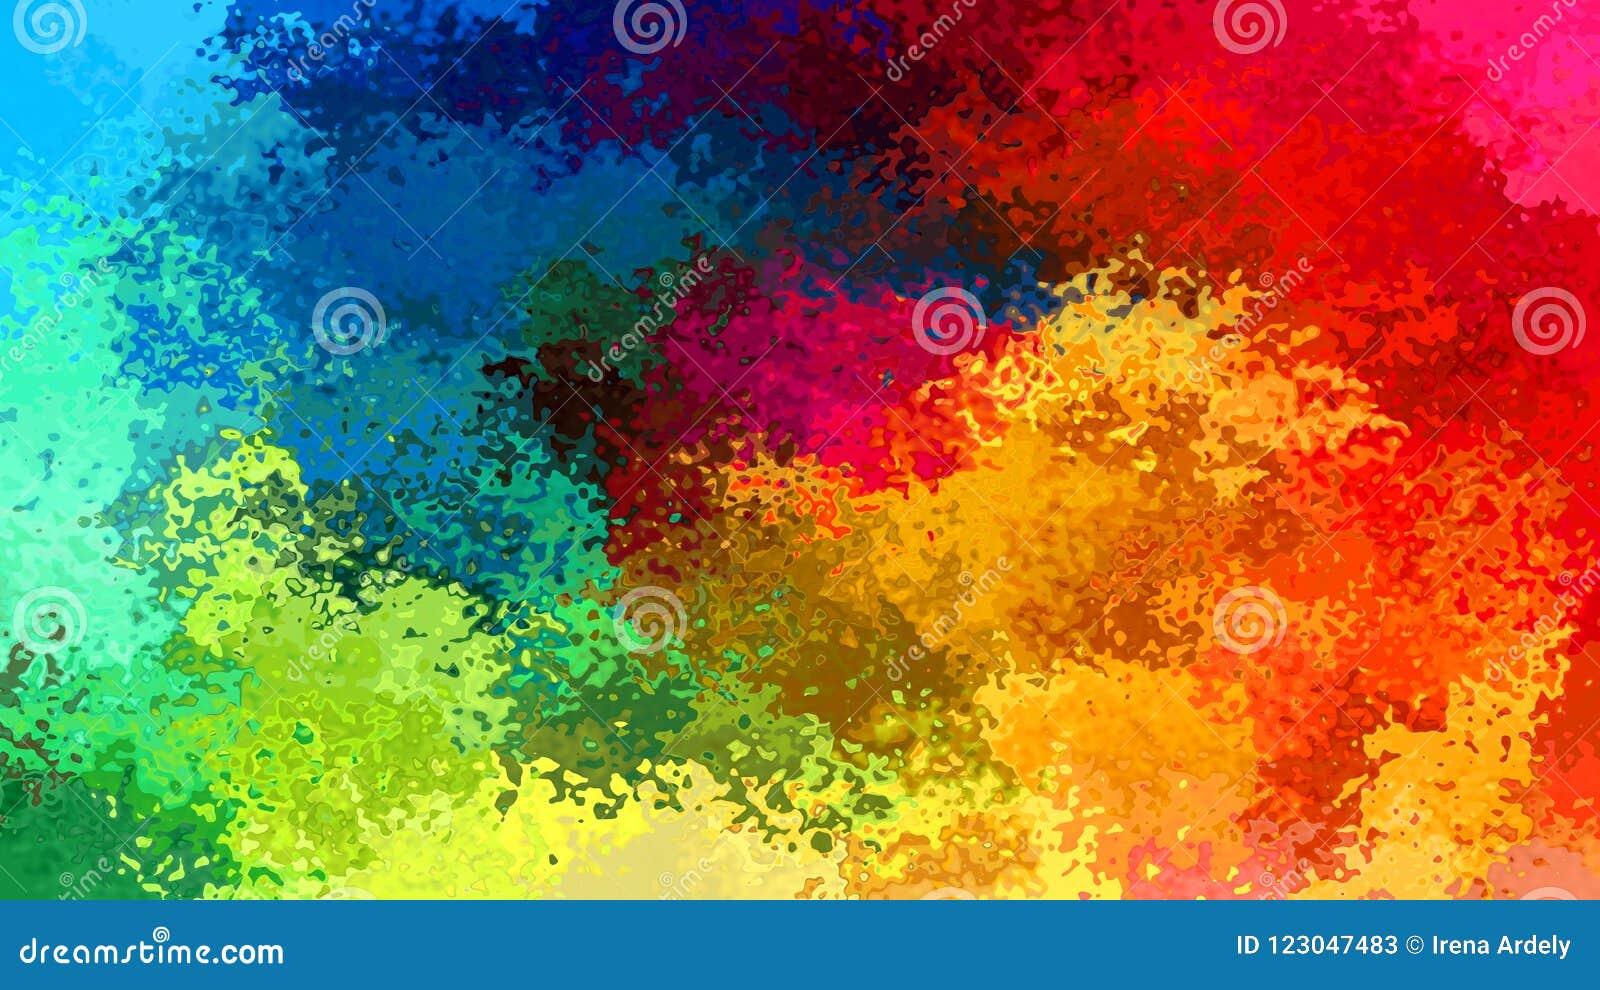 提取被弄脏的样式长方形背景完整色彩的光谱彩虹-现代绘画艺术-水彩作用